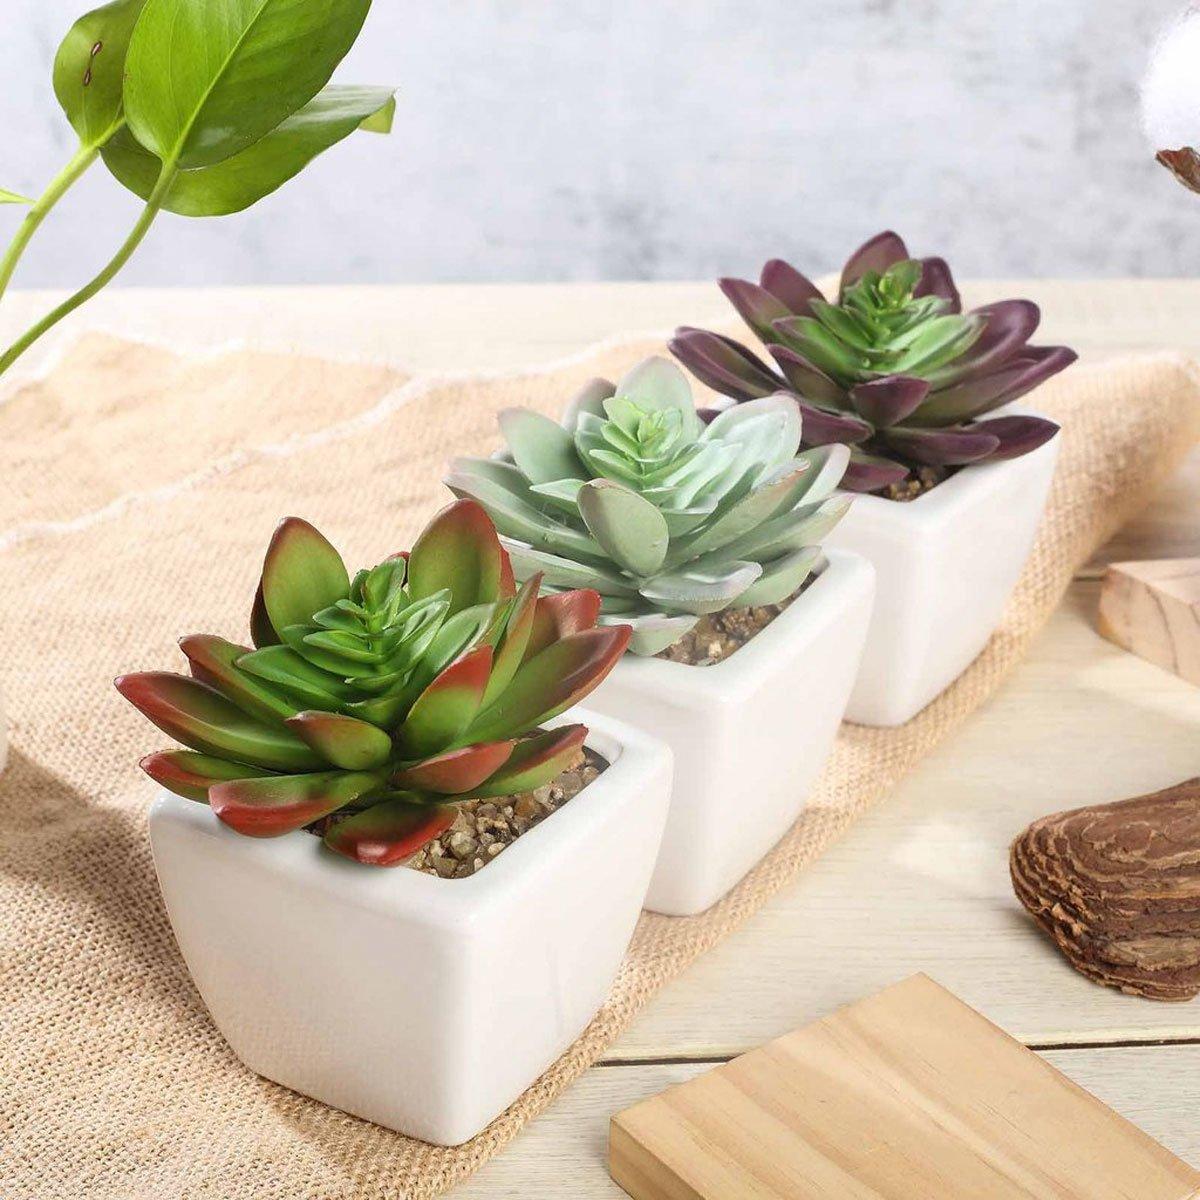 piante-poca-acqua-8